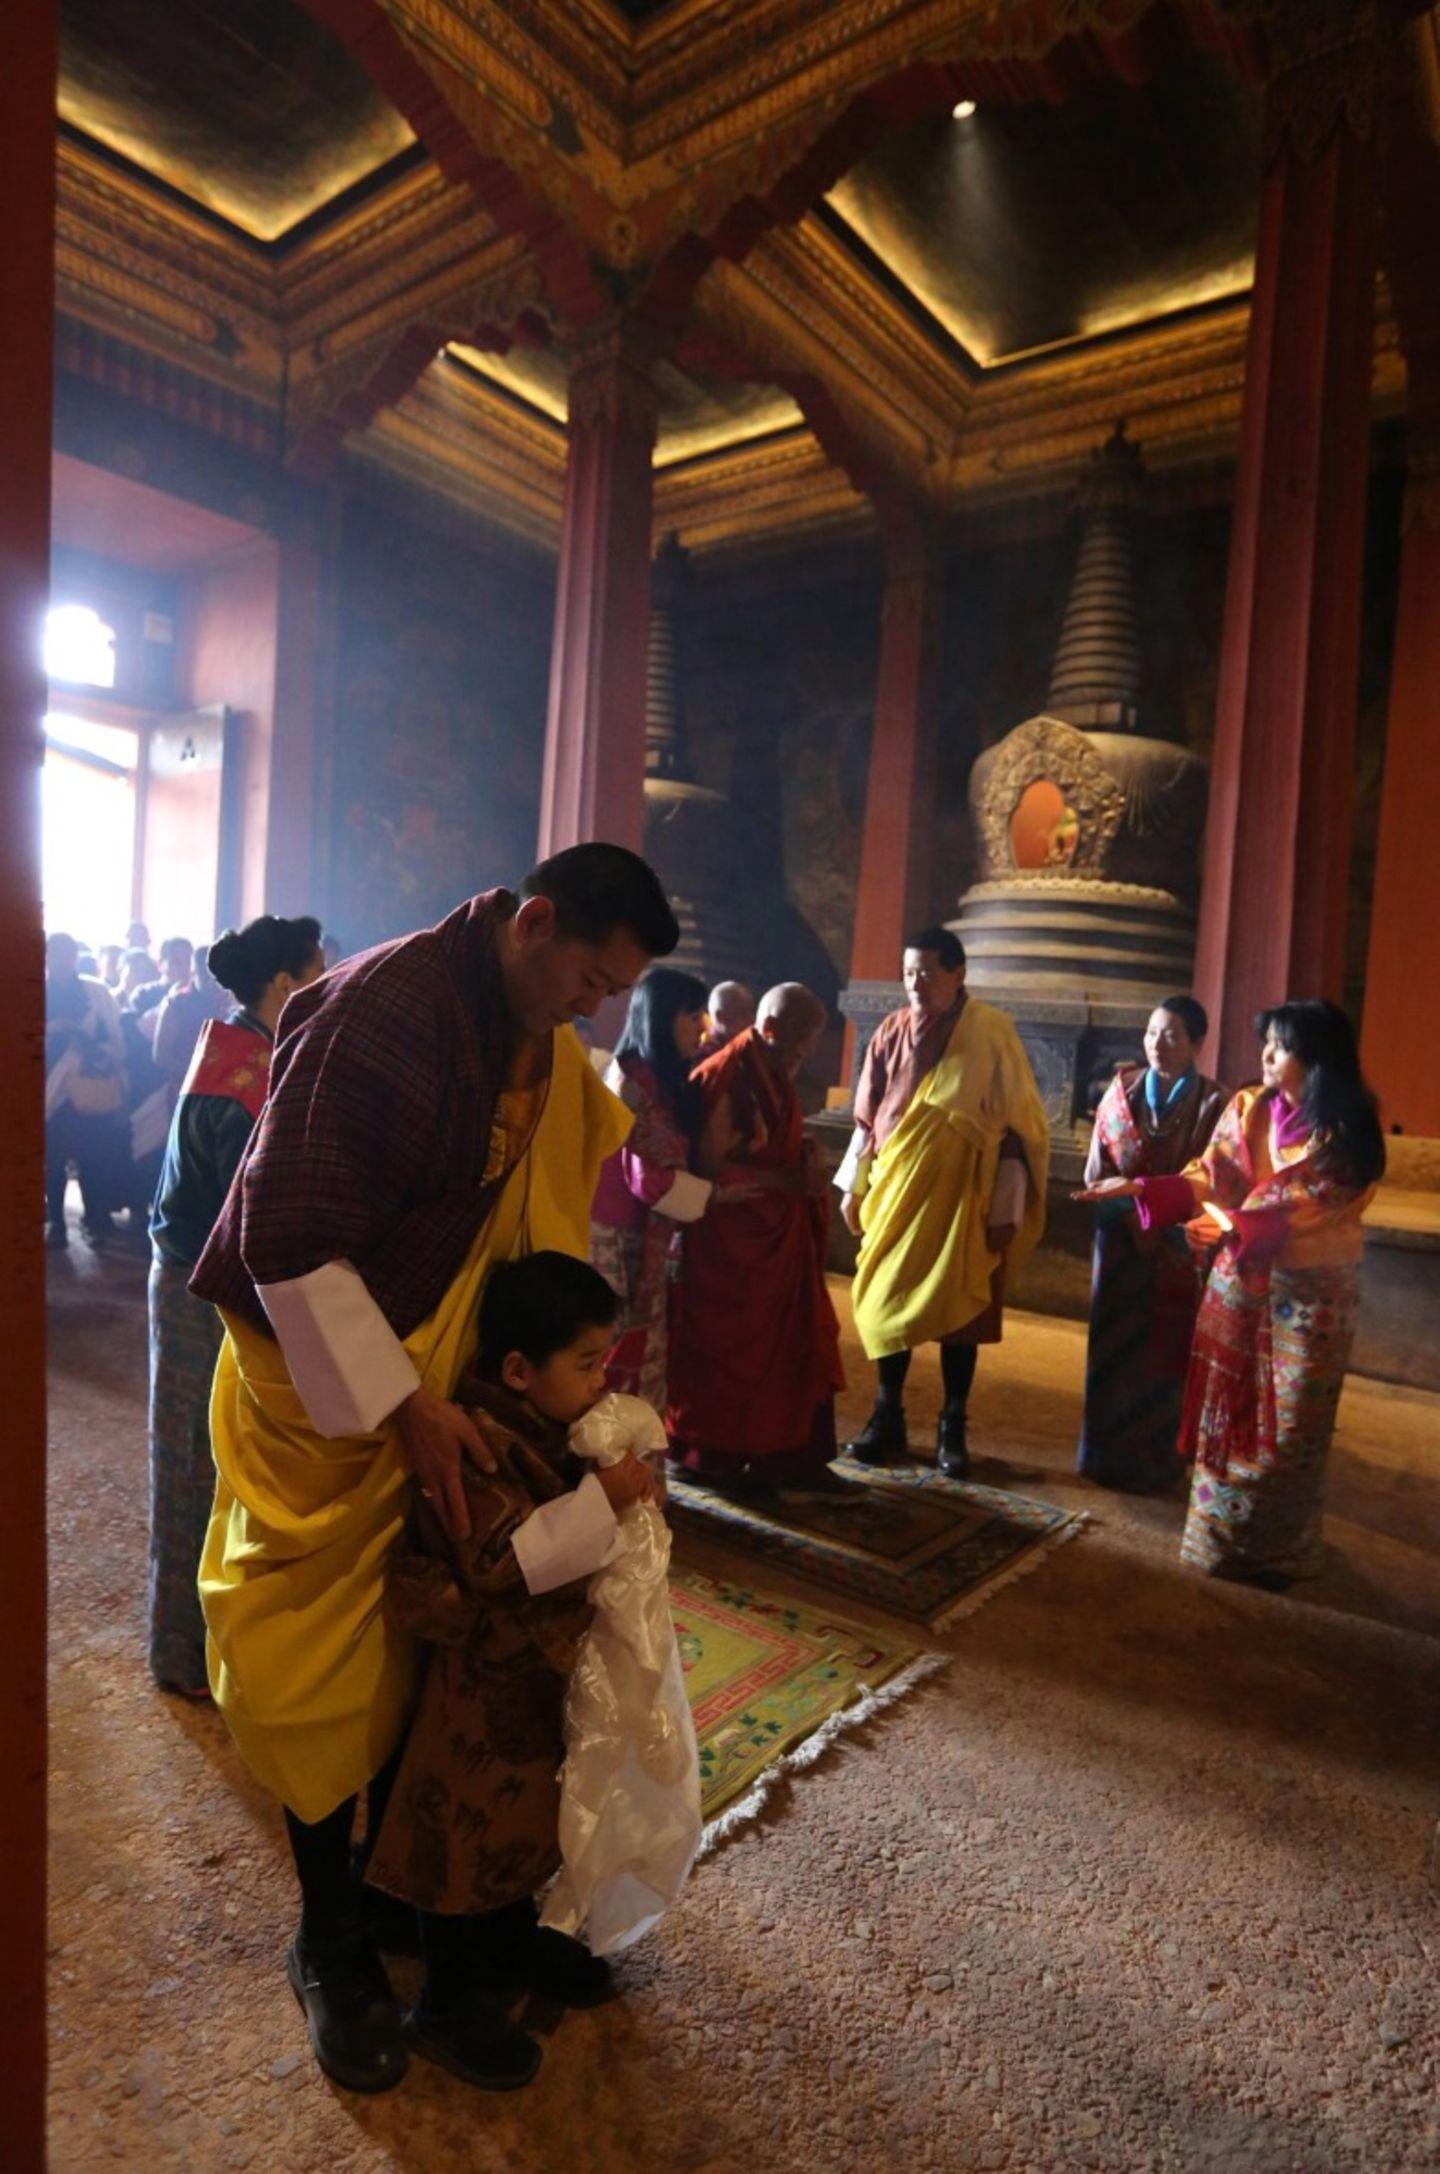 König Jigme legt schützend die Hände auf die Schultern seines Sohnes Prinz Jigme Namgyel Wangchuck. Das Geburtstagskind schaut noch ein wenig skeptisch angesichts der beeindruckenden Zeremonie, der er beiwohnt.